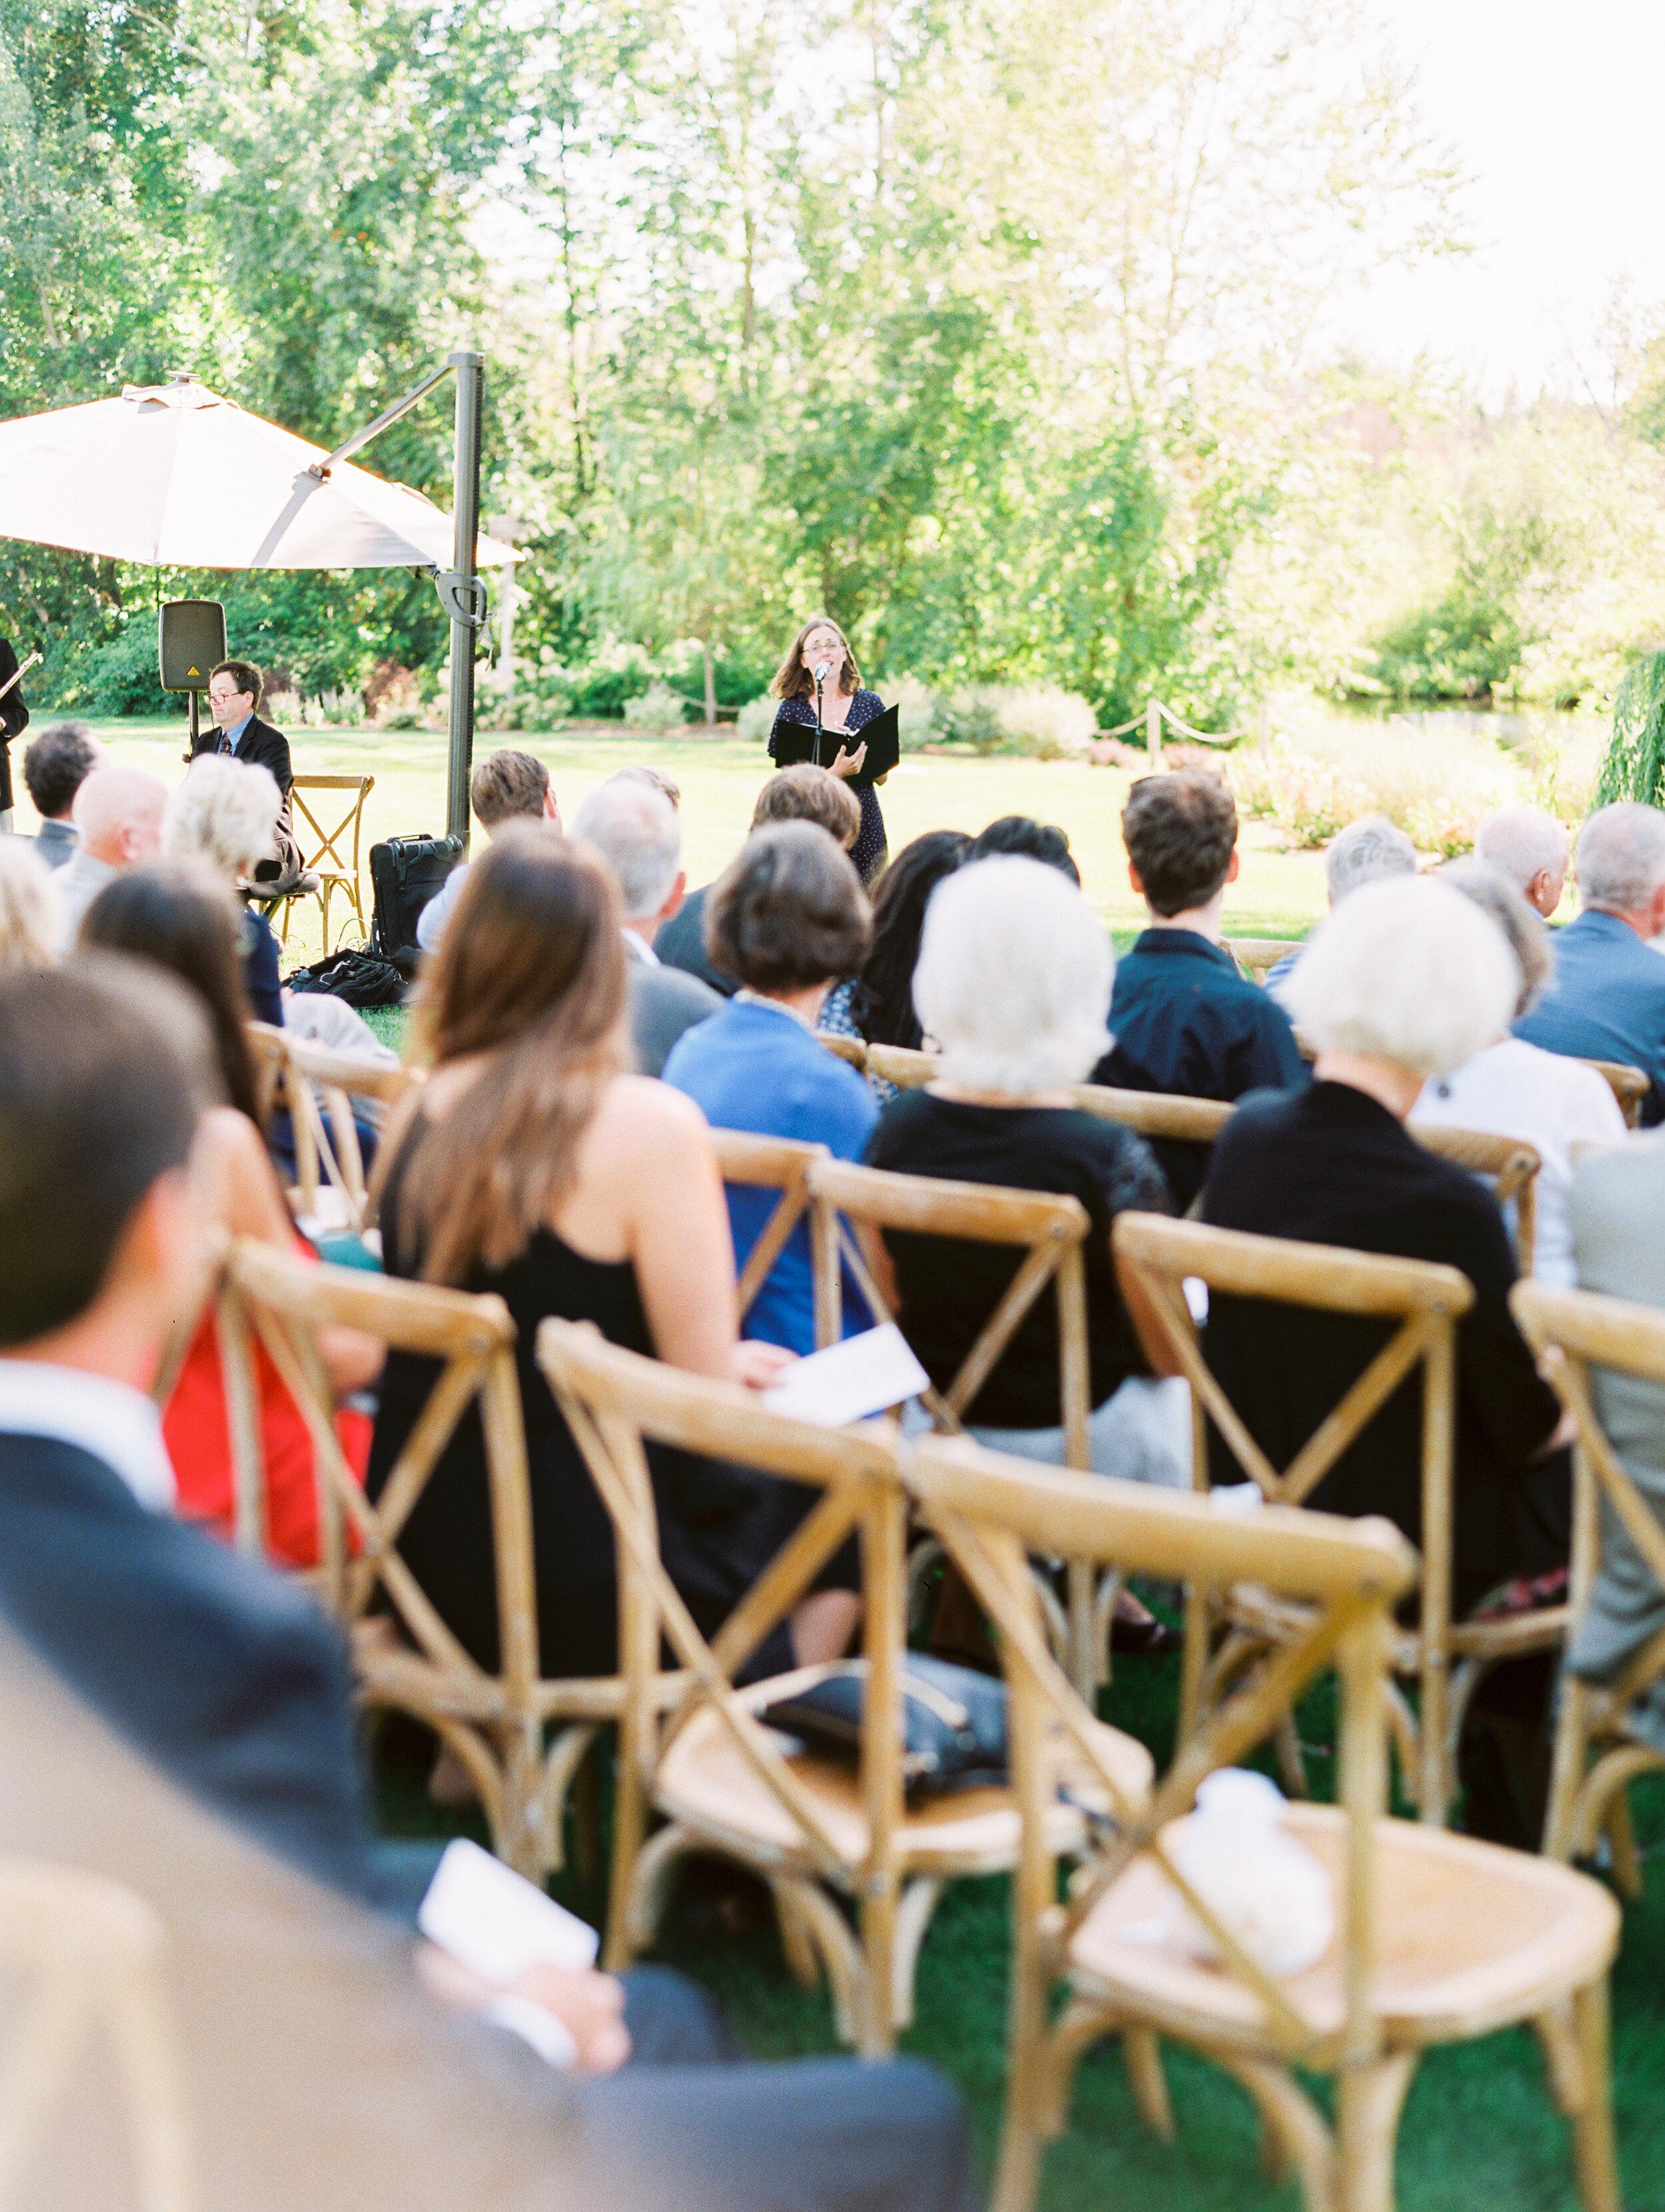 Steinlage+Wedding+Ceremony-130.jpg